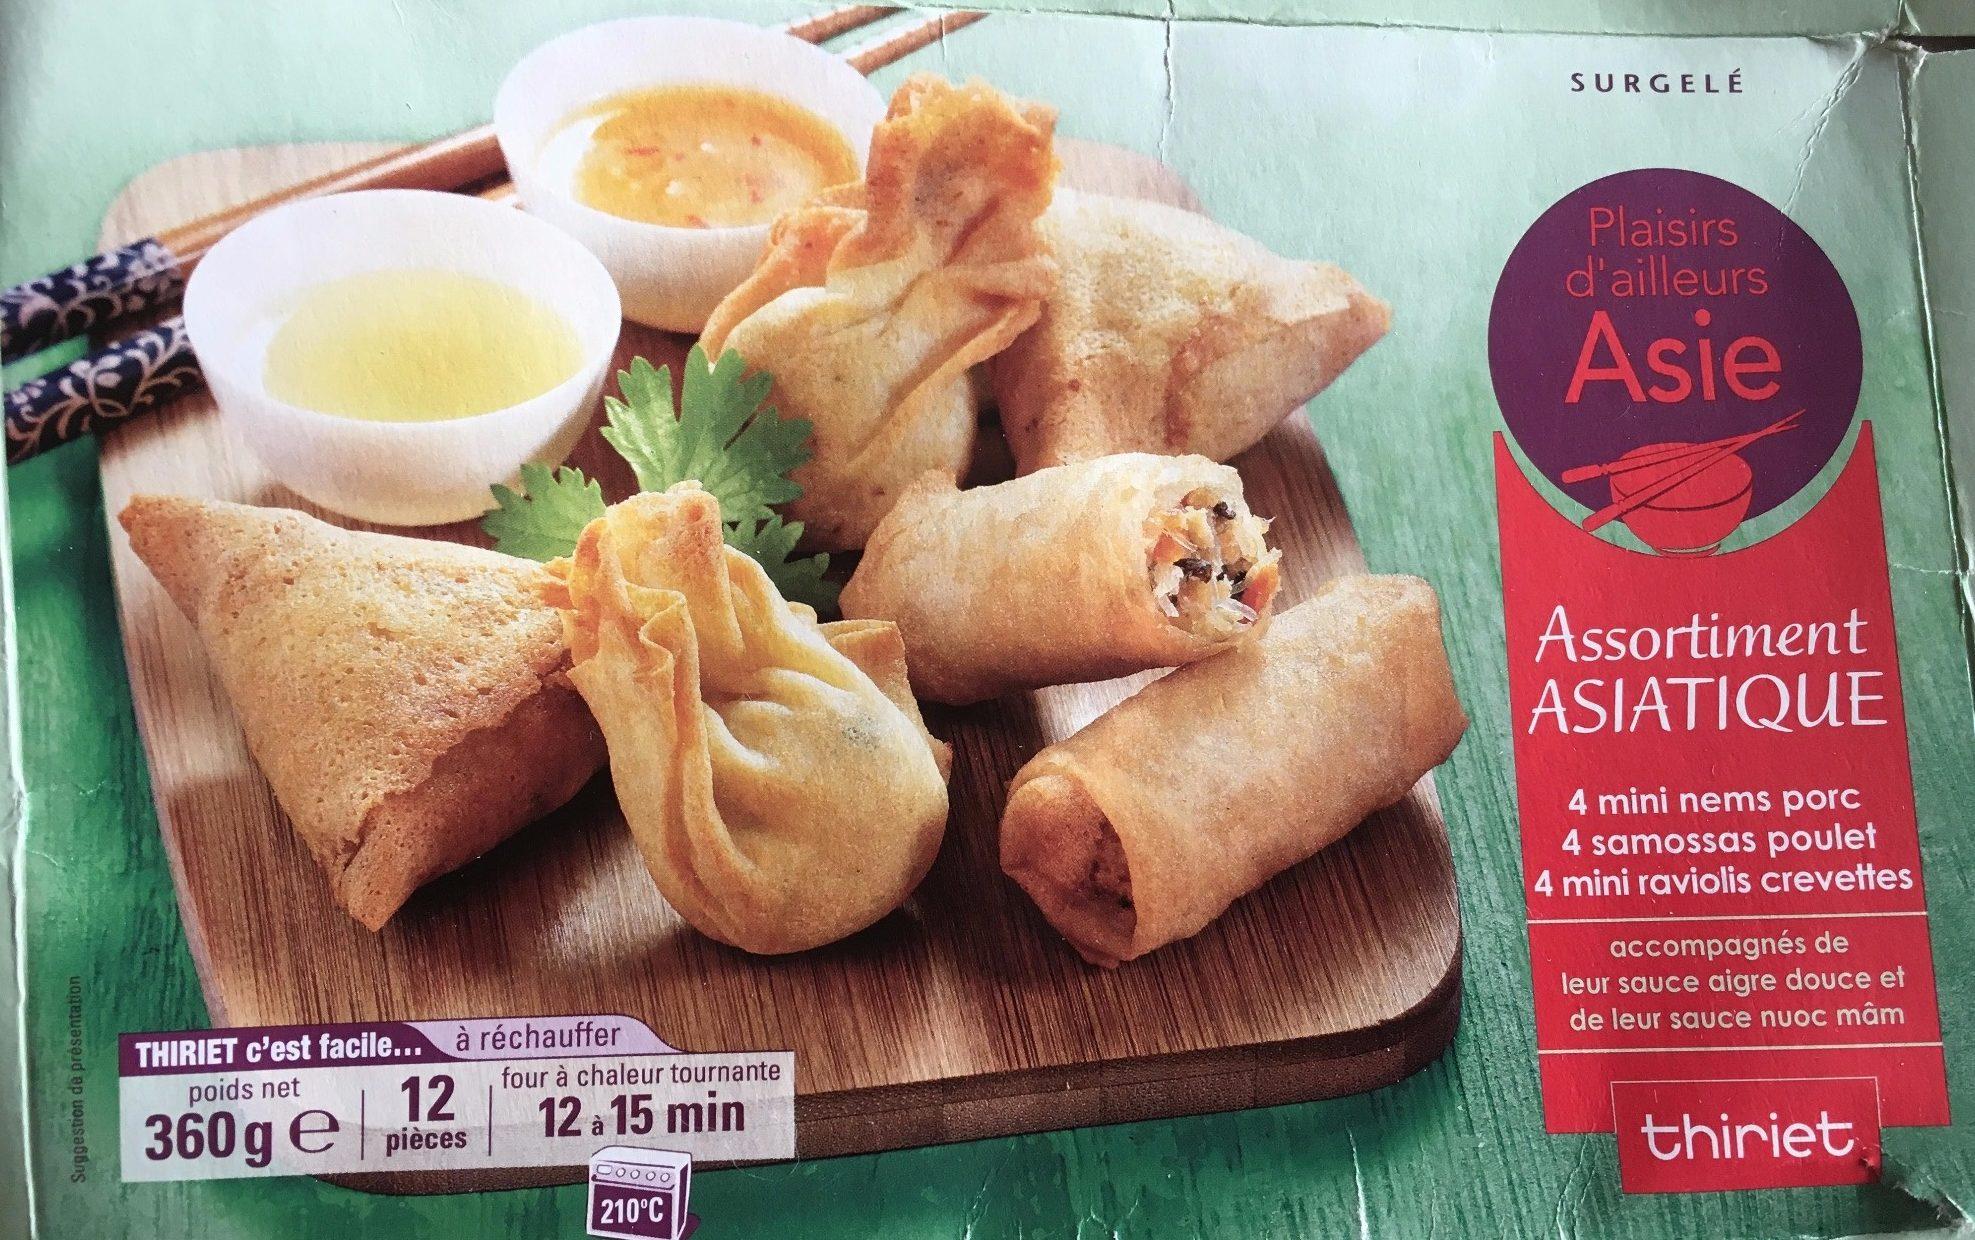 Assortiment Asiatique - Product - fr